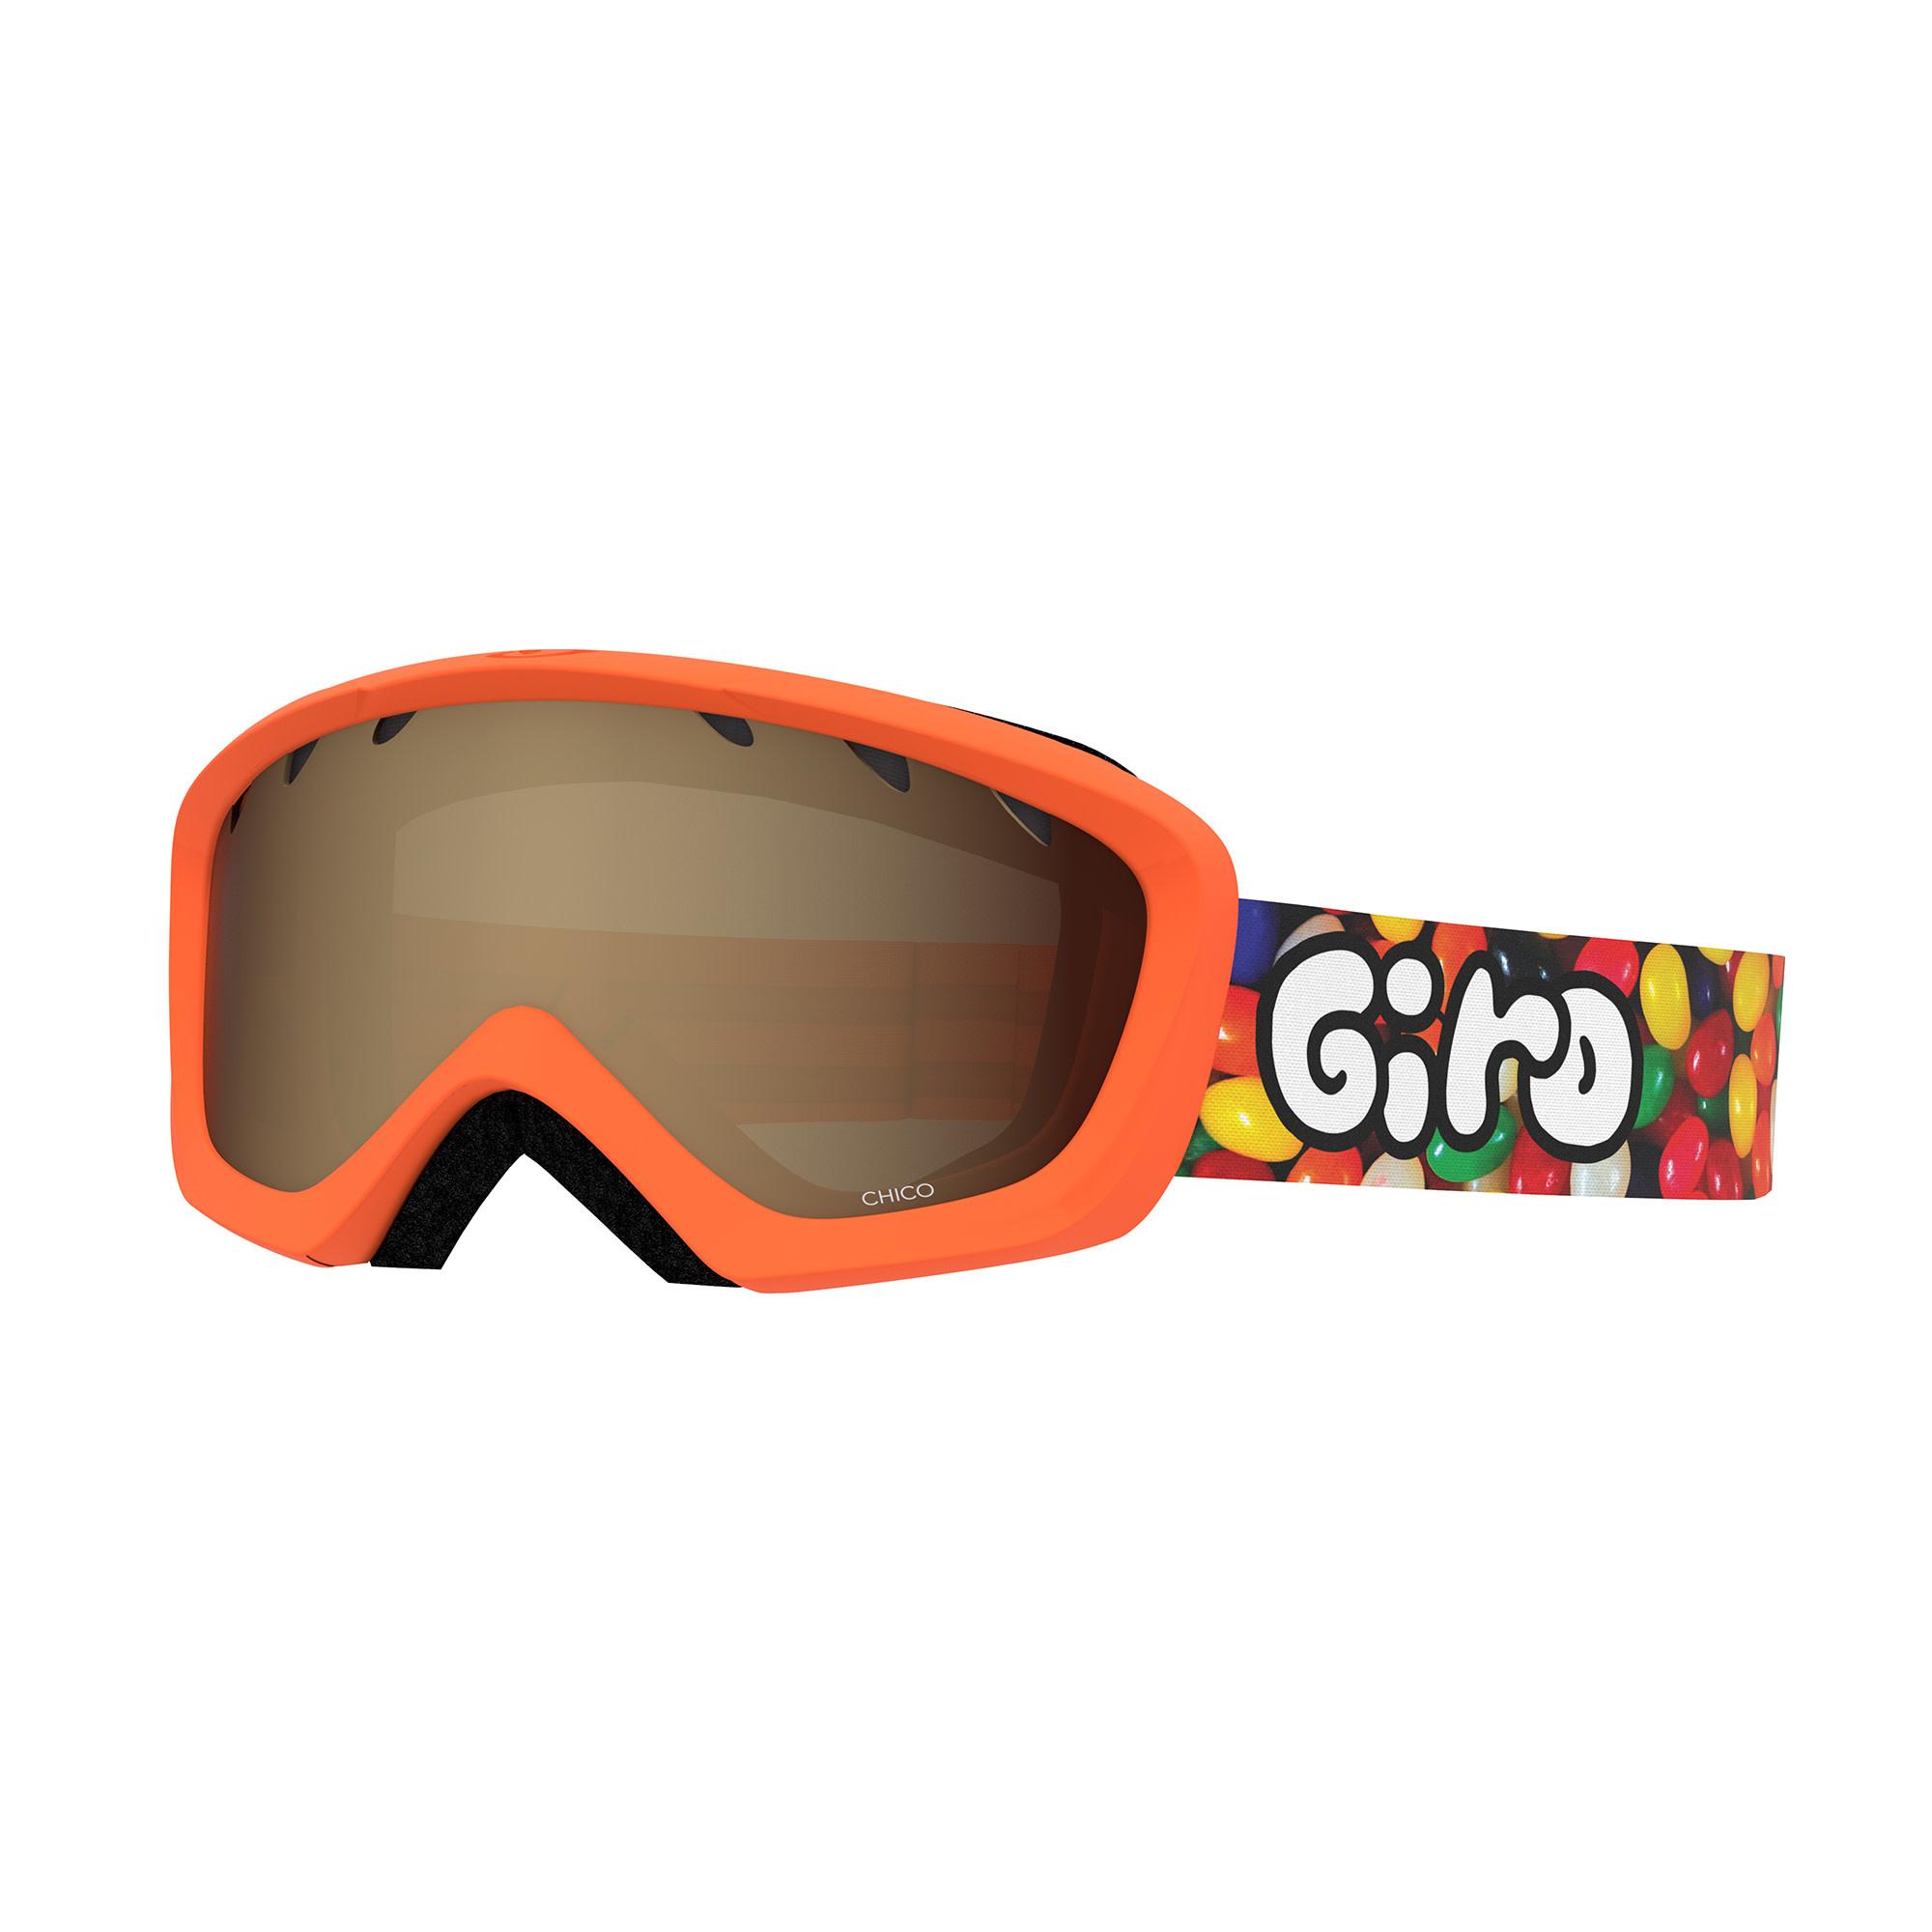 Giro Chico-3